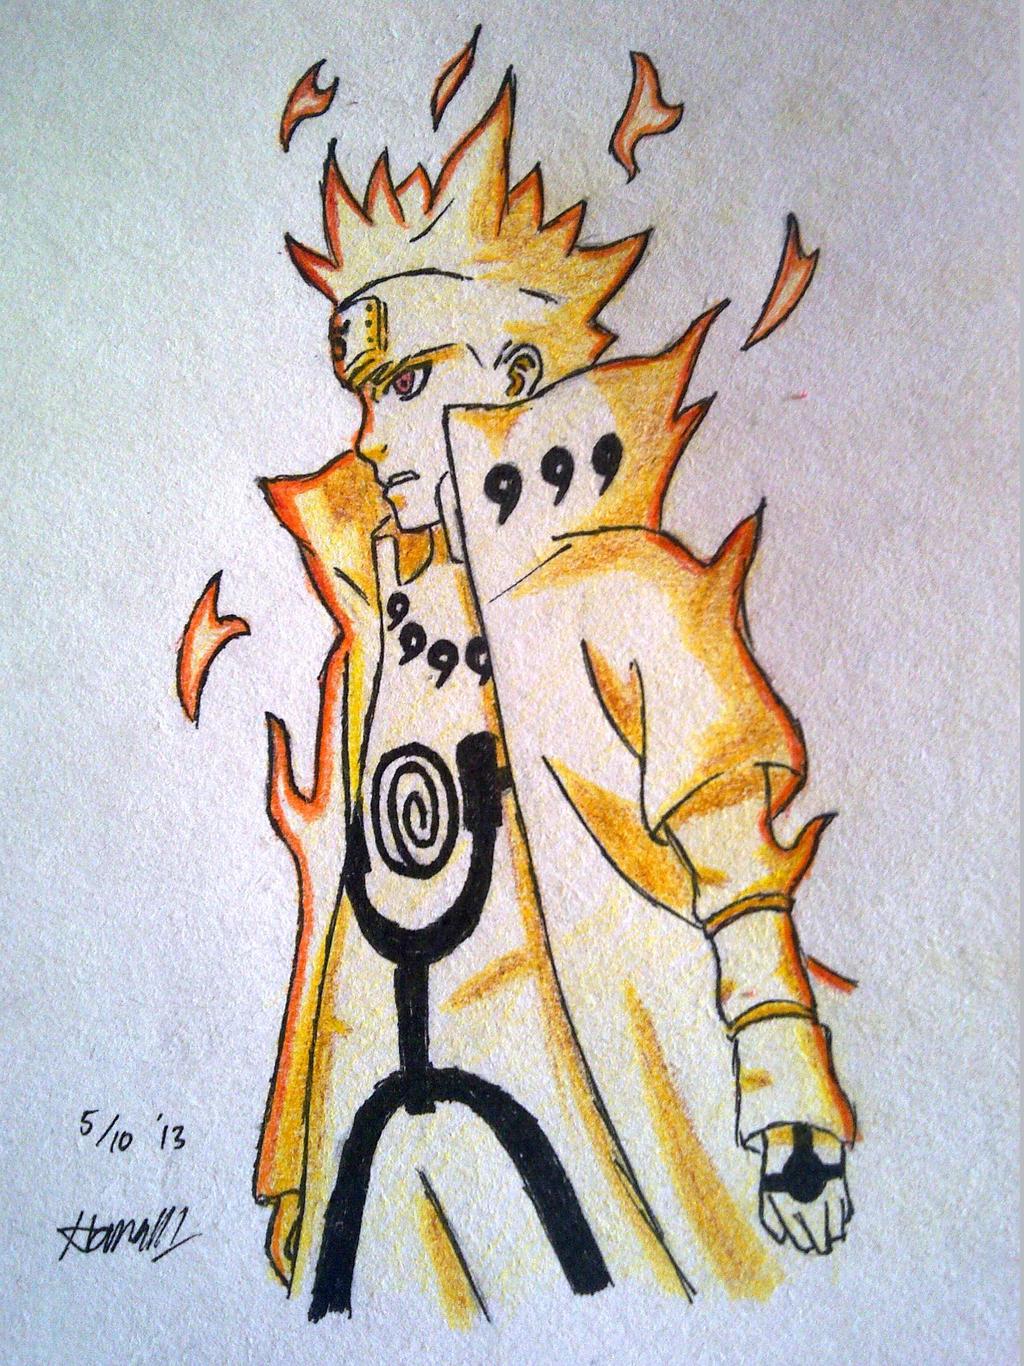 Naruto - Minato Kyuubi Mode by KitsuriHarumi on DeviantArt